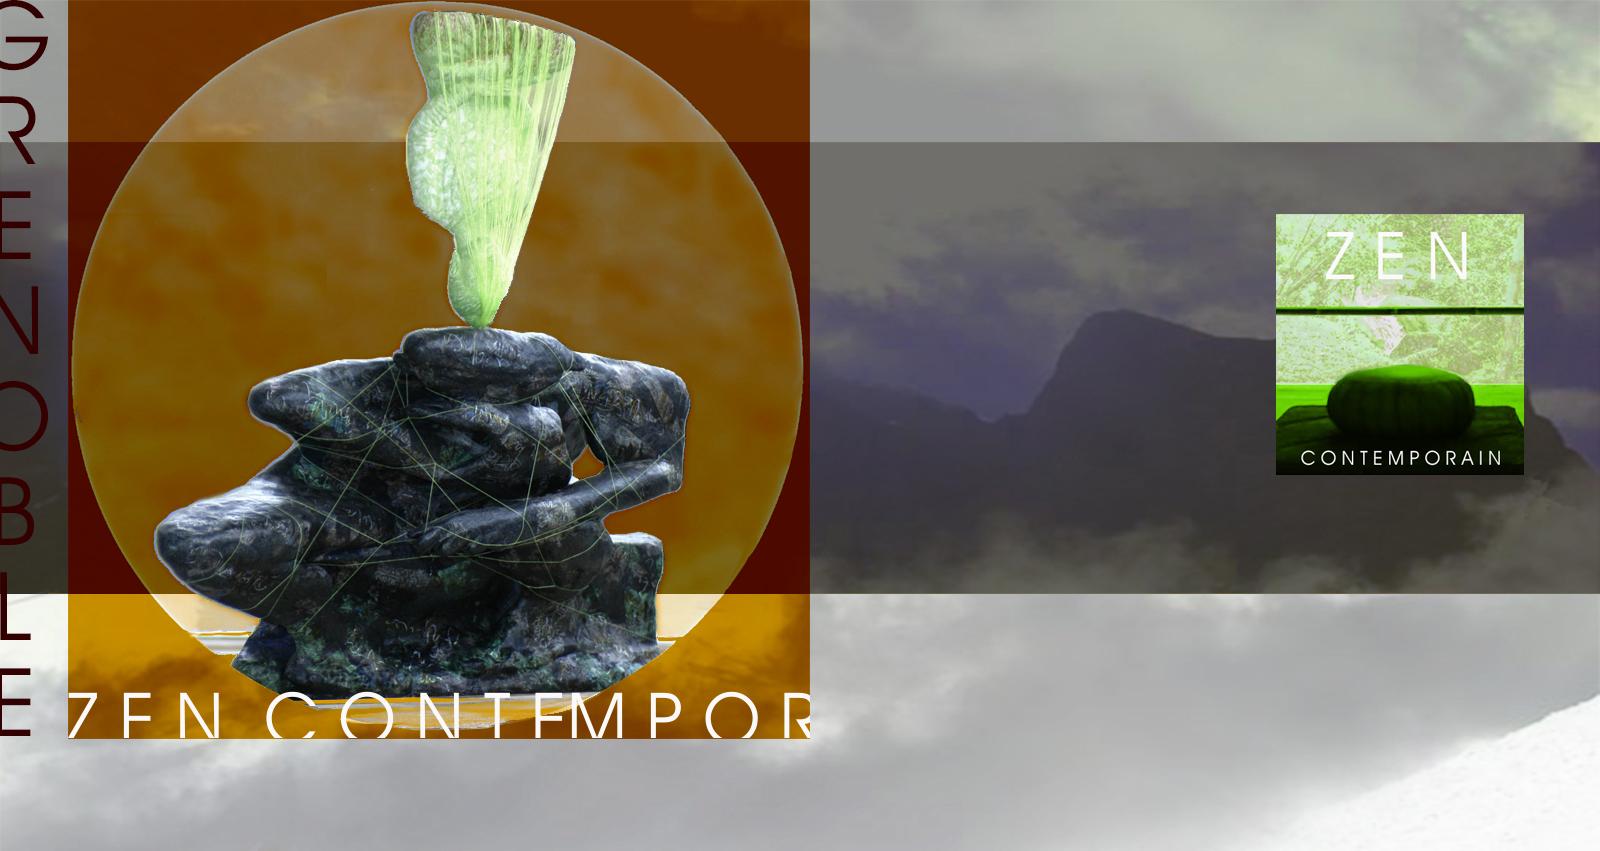 Zen contemporain